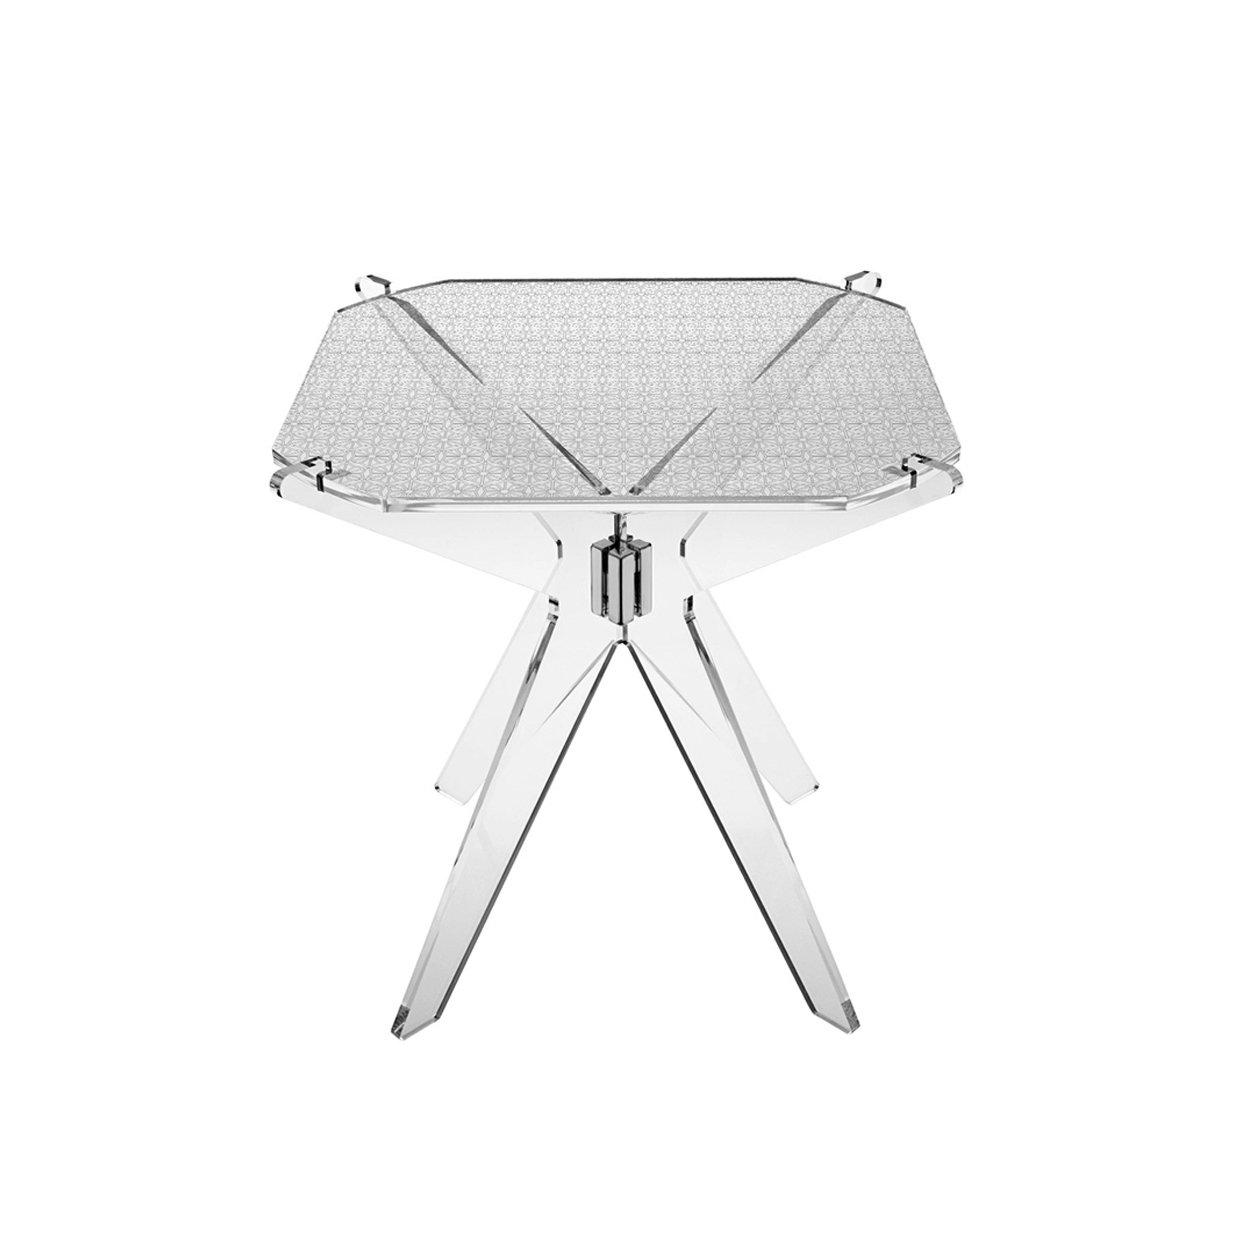 Tavolini Da Salotto Plexiglass.Gliss Aron Tavolino Da Salotto In Plexiglass Lucesolida